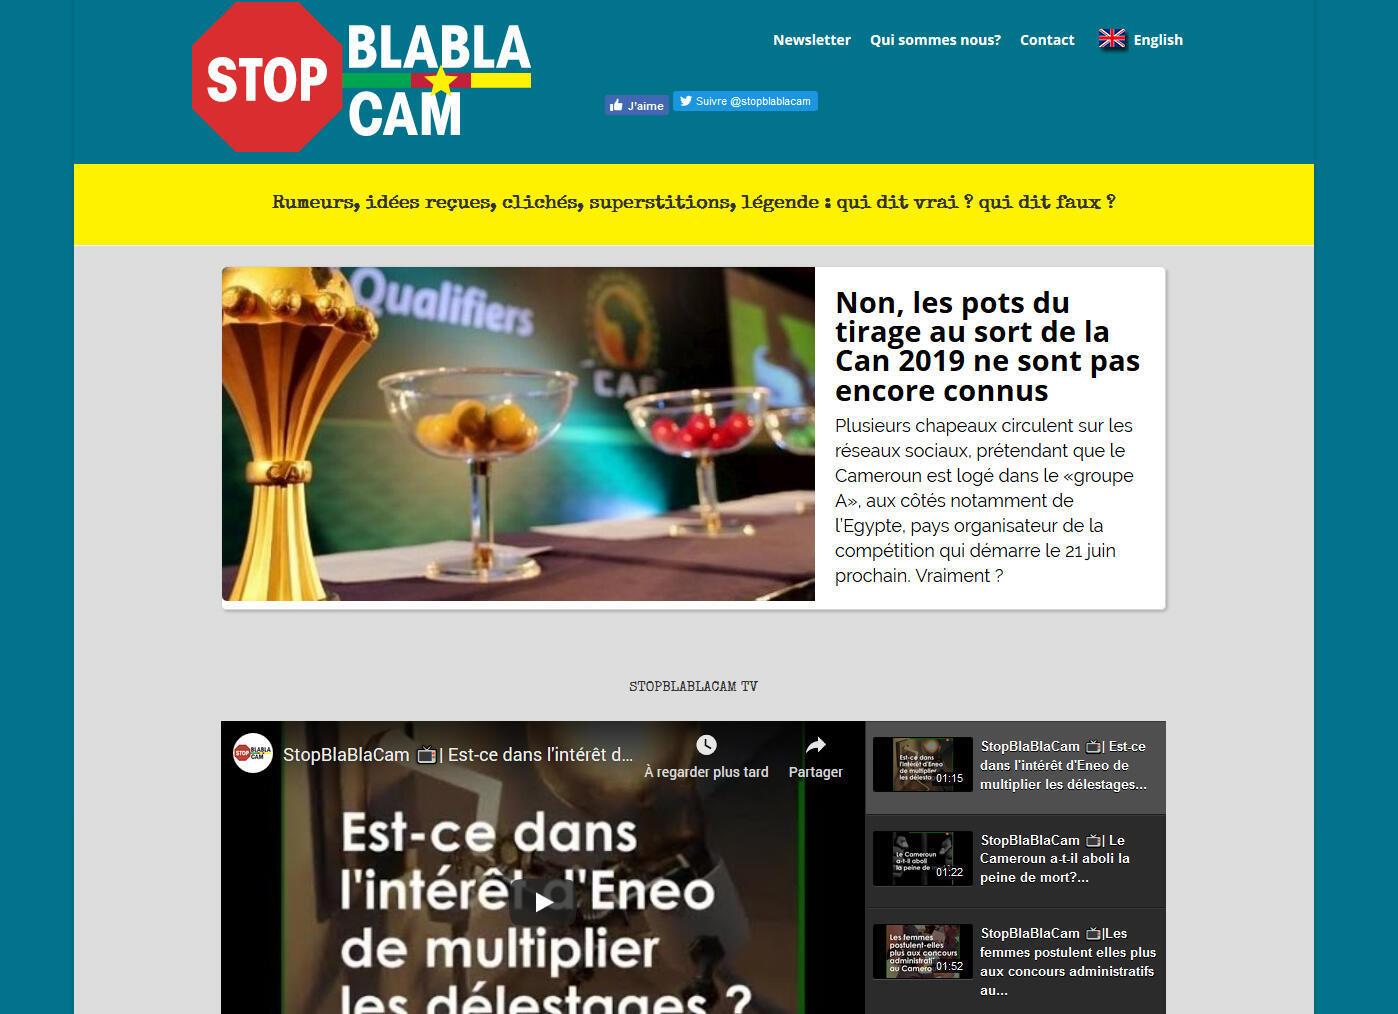 le fact-checking s'intéresse à tout : photos, vidéos, informations, déclarations d'hommes politiques et certains médias s'en sont faits une spécialité comme : Blabla Cam au Cameroun.